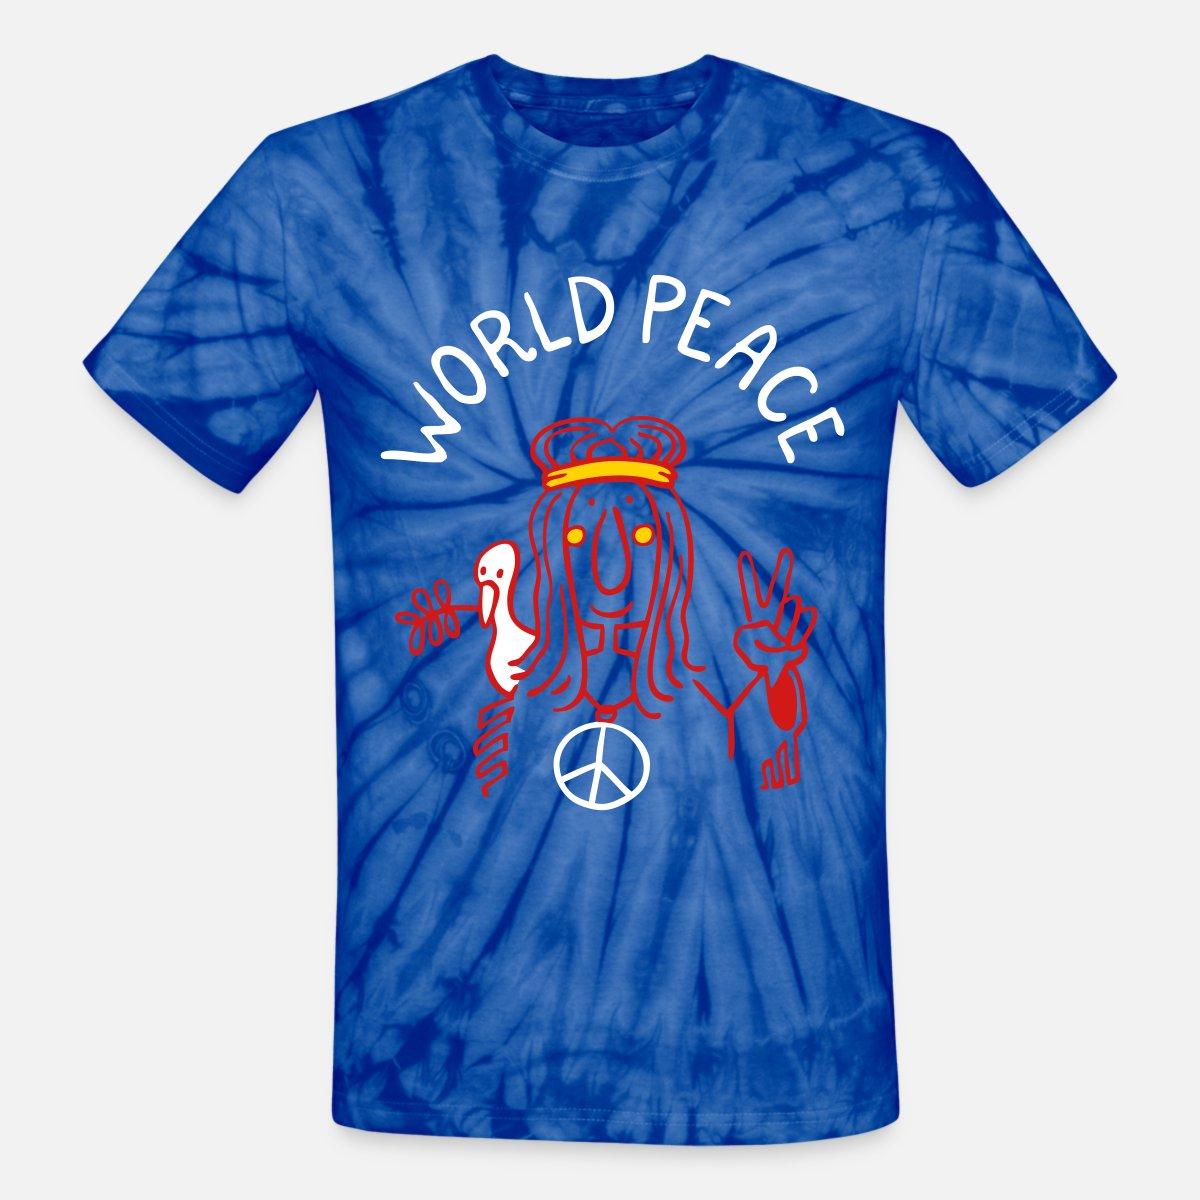 eff6d94e85a7 World Peace Unisex Tie Dye T-Shirt   Spreadshirt